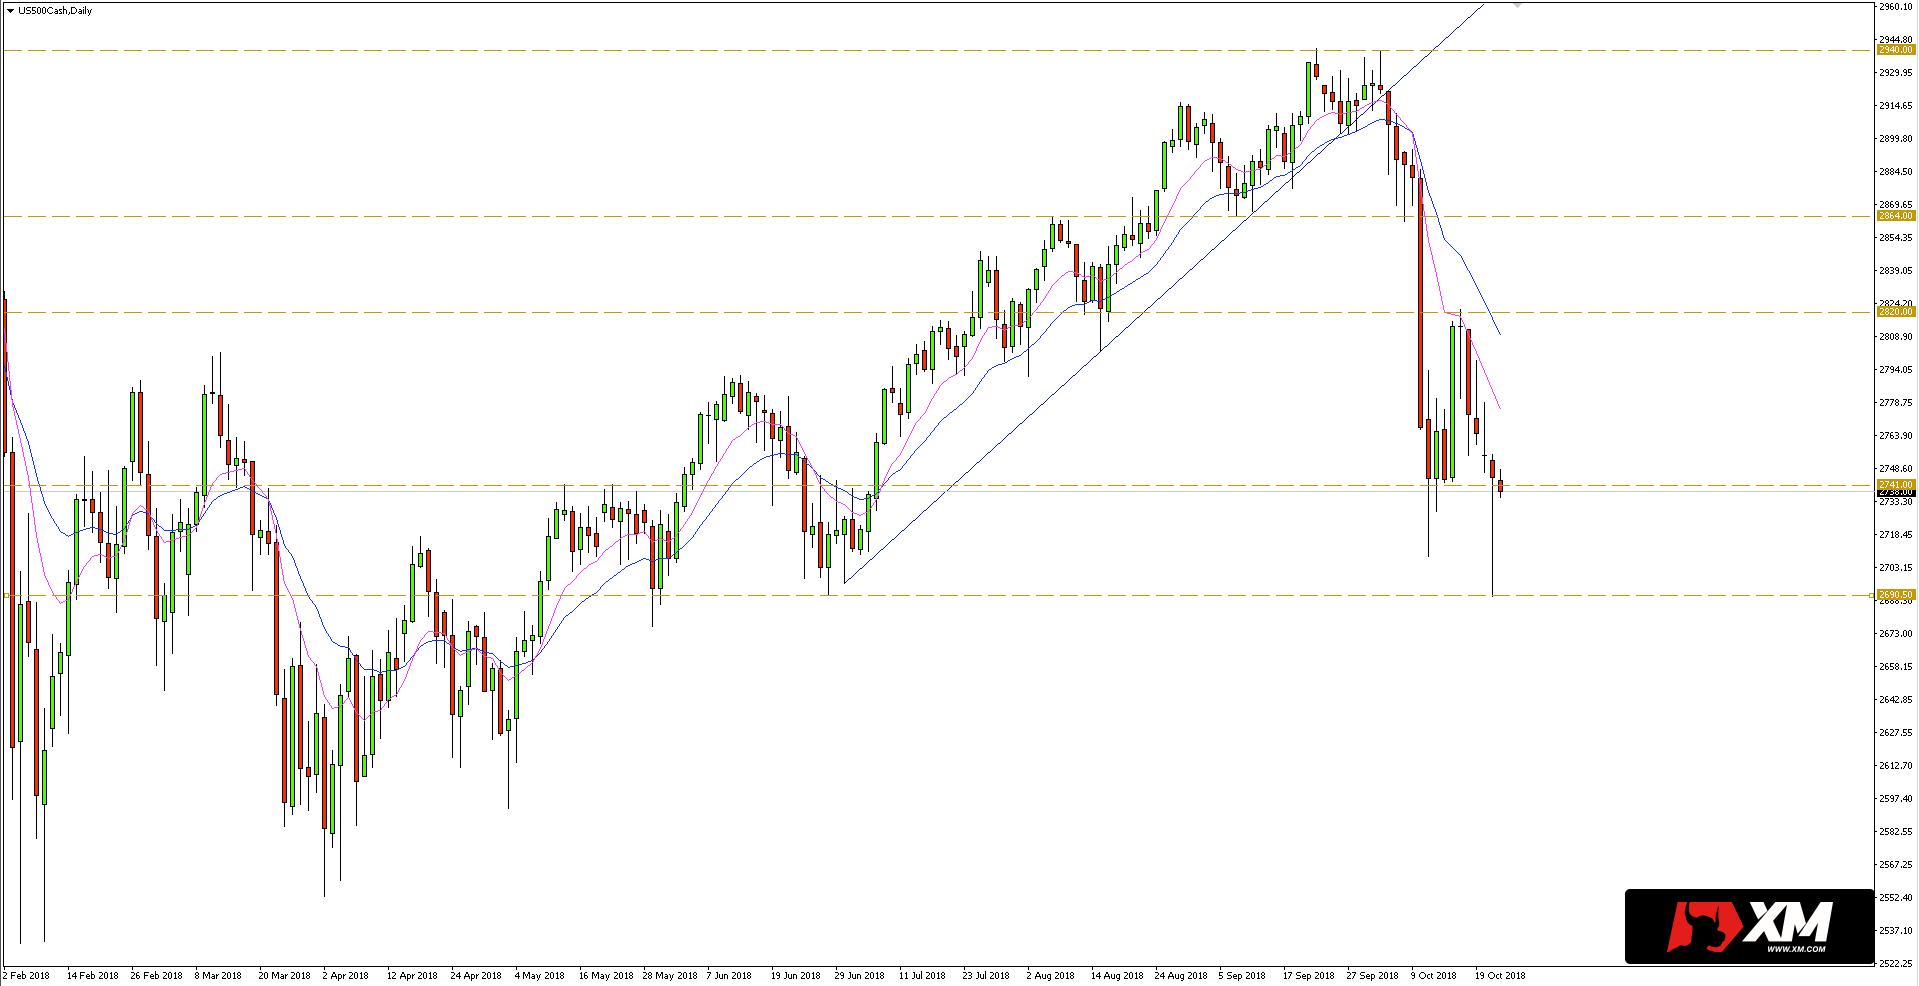 S&P 500 - Silna reakcja popytu sprawiła, że kurs do zamknięcia sesji ponownie wrócił ponad wsparcie przy 2741